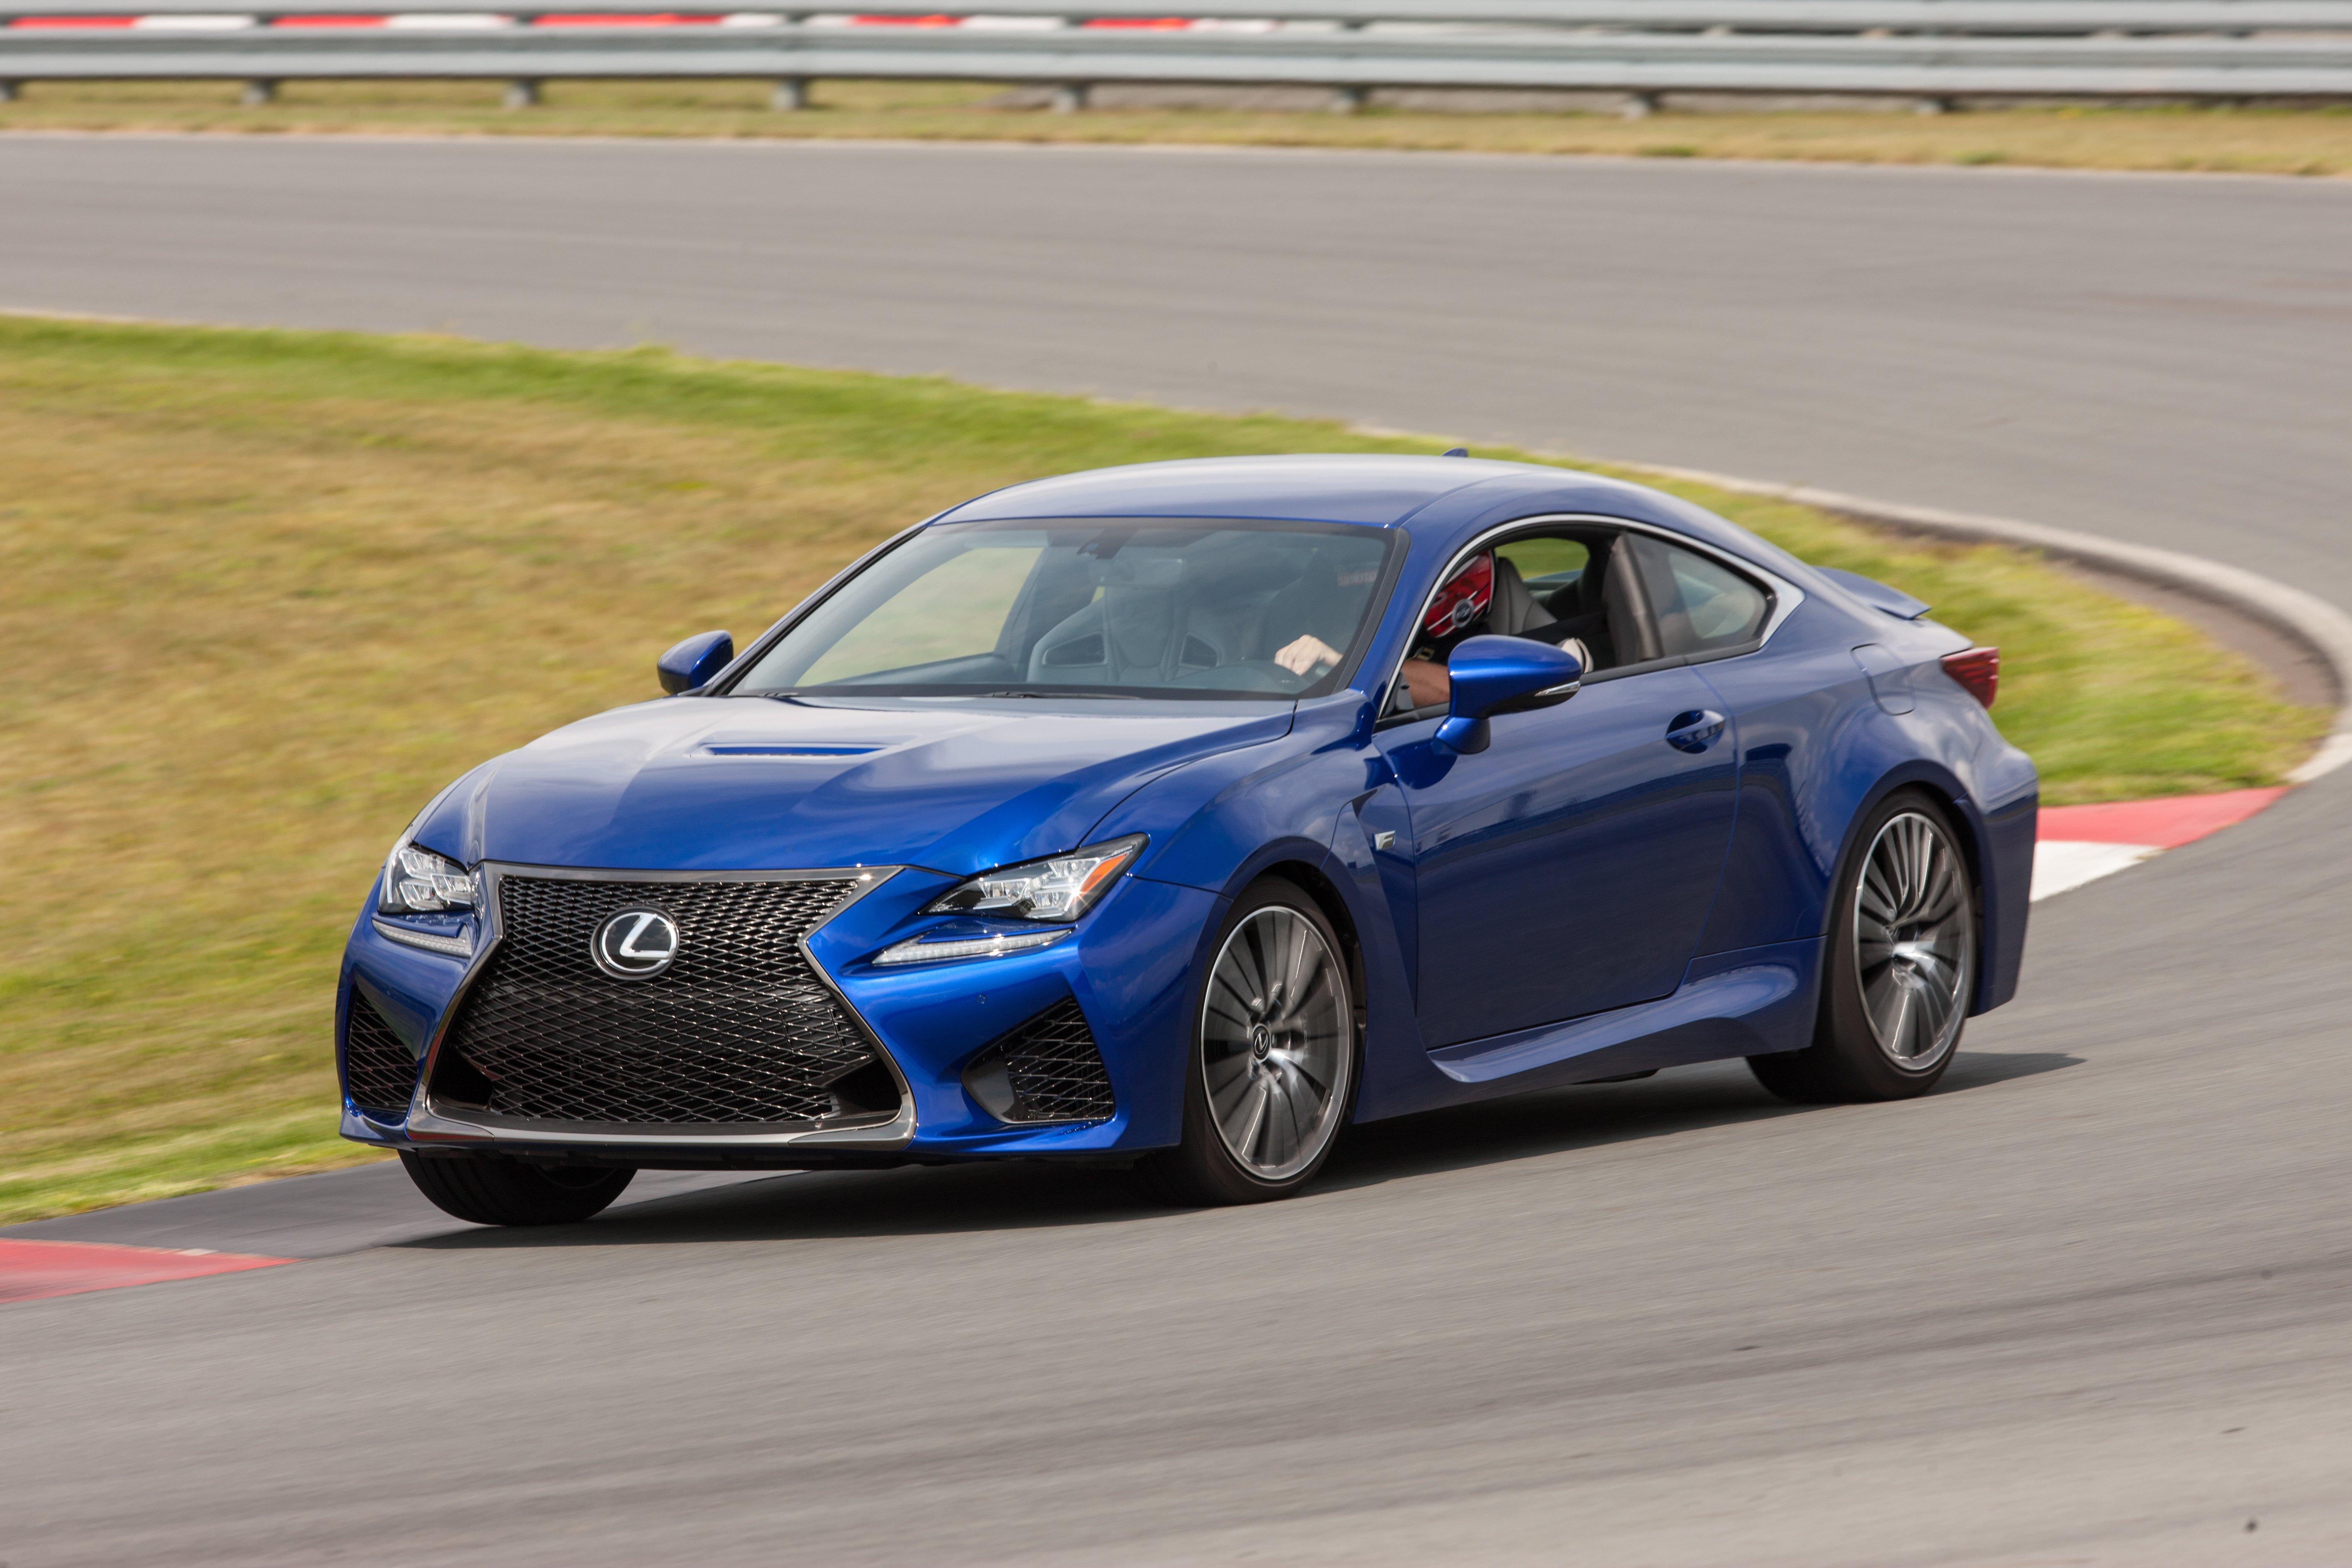 2015 Lexus RC F - blue on track